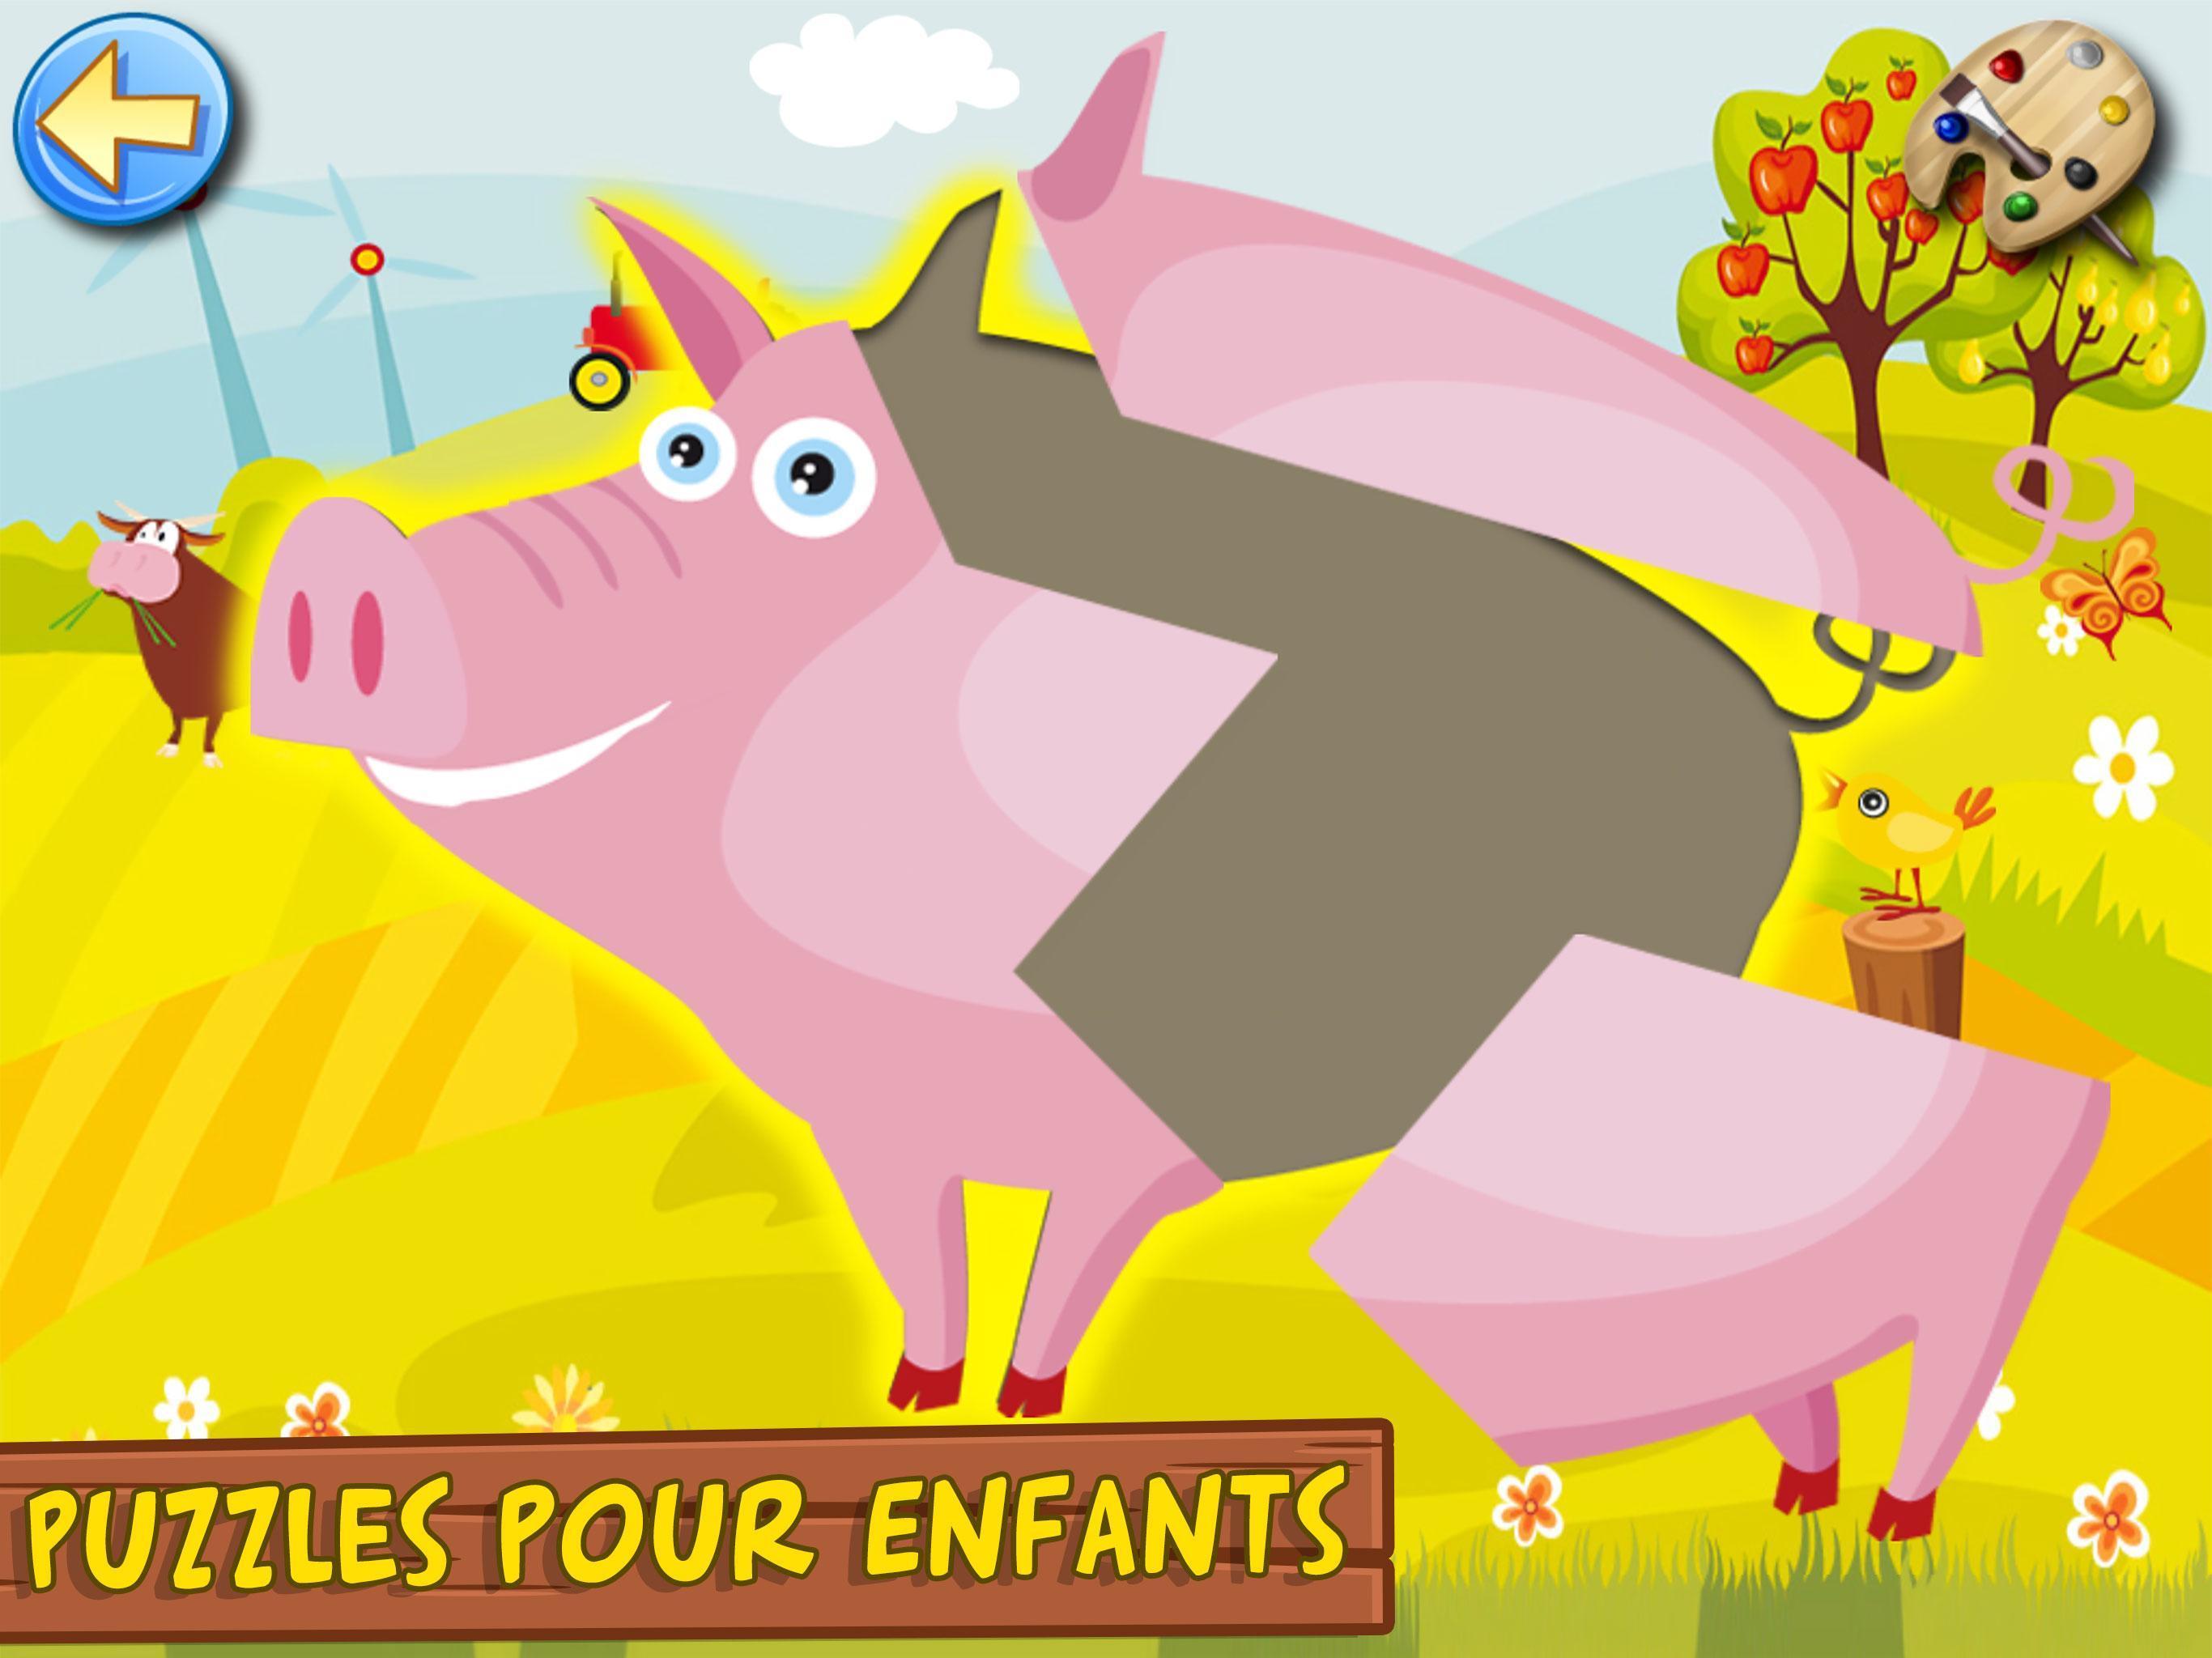 Jeux Pour Enfants Et Bebe 3+ Ans Gratuit: Ferme Pour Android à Jeux Gratuits Pour Enfants De 3 Ans